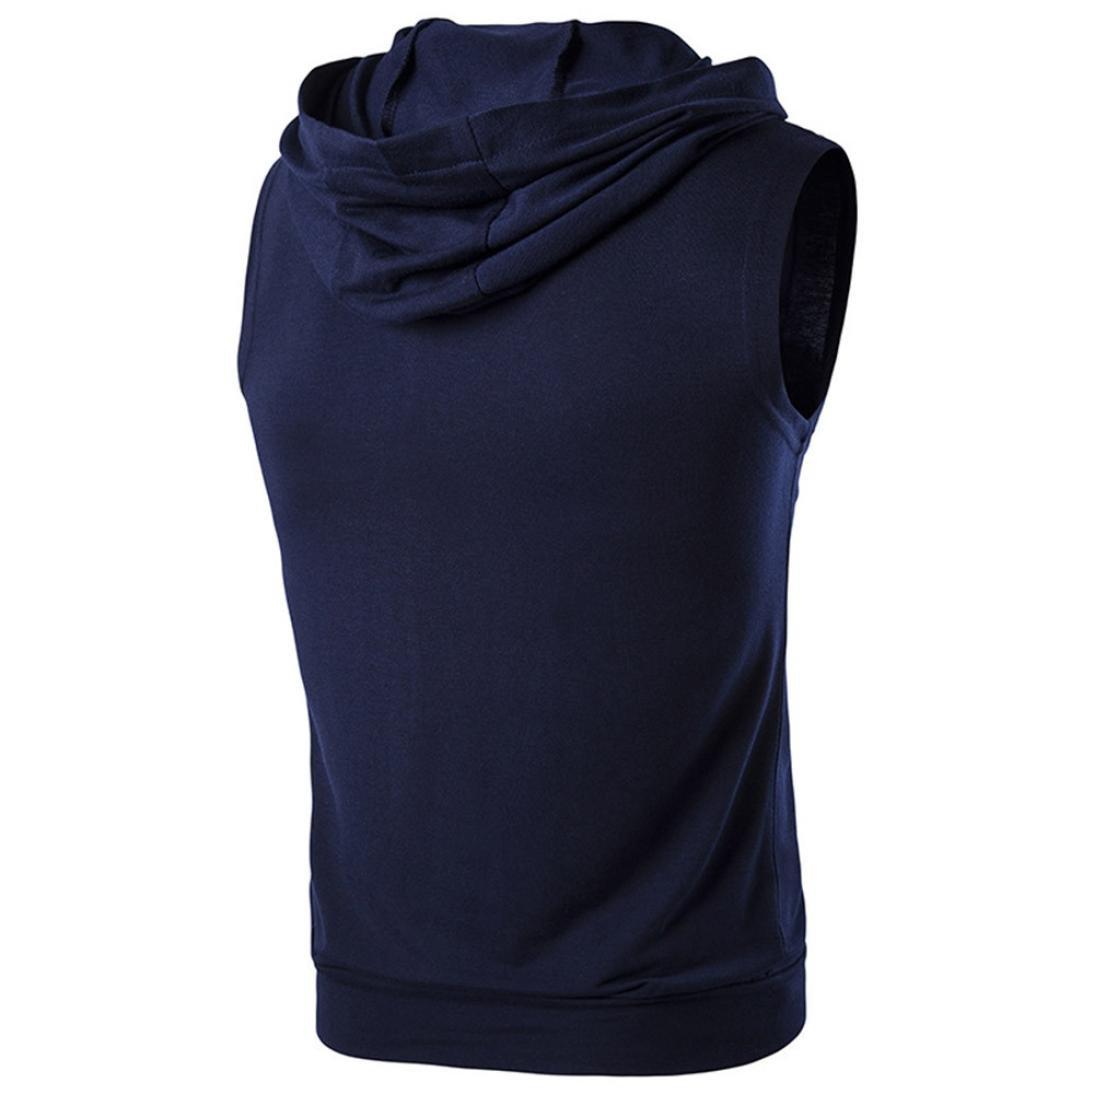 Herren Tank Tops Forh Solid Weste Rundhalskragen Sweatshirt Pullover Hoodie Pullover M/änner Basic T-Shirt mit Rei/ßverschluss /Ärmellos Warm Bleiben Weste Vest Tr/ägertop